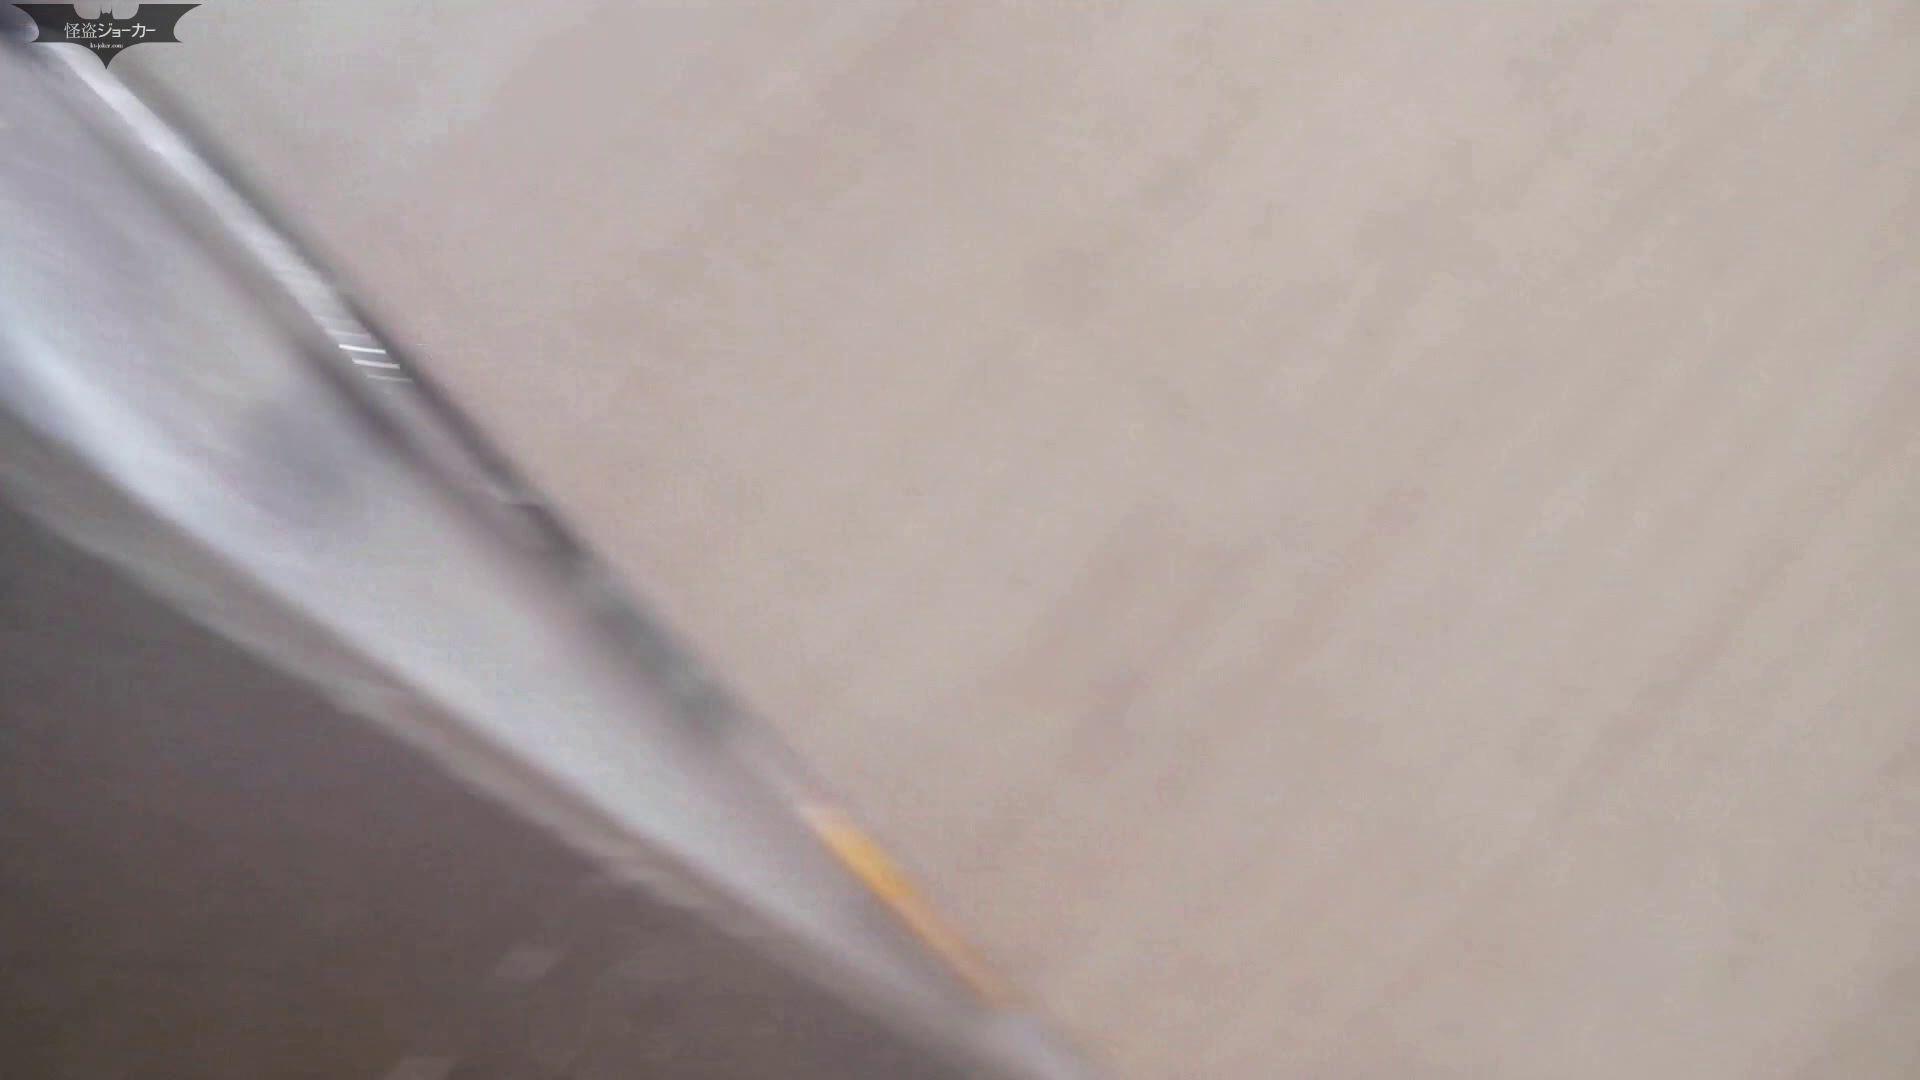 阿国ちゃんの和式洋式七変化 Vol.25 ん?突起物が・・・。 盛合せ エロ画像 30画像 4